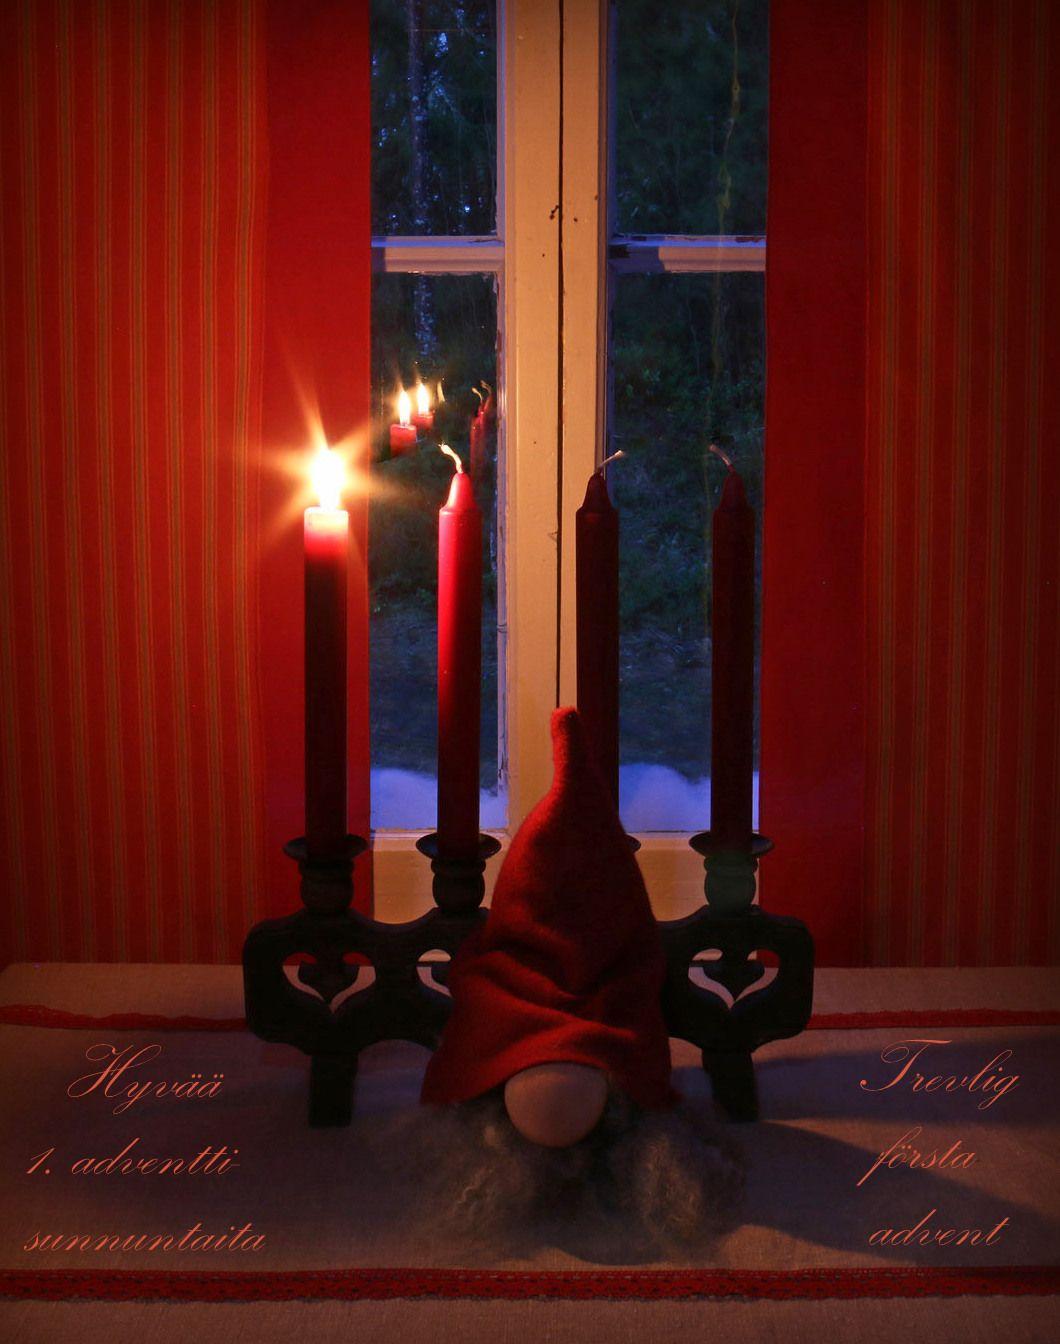 Hyvää 1. adventtisunnuntaita! Pieni liekki tänään syttyy  talven synkkään pimeyteen. Pieni liekki valon antaa,  toivon tuikkeen sydämeen.